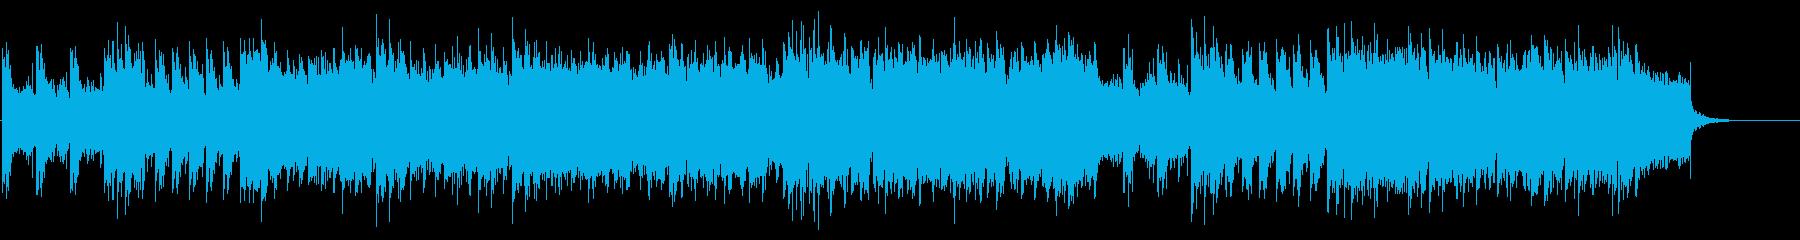 和風ロックで千本桜風のオリジナル曲の再生済みの波形